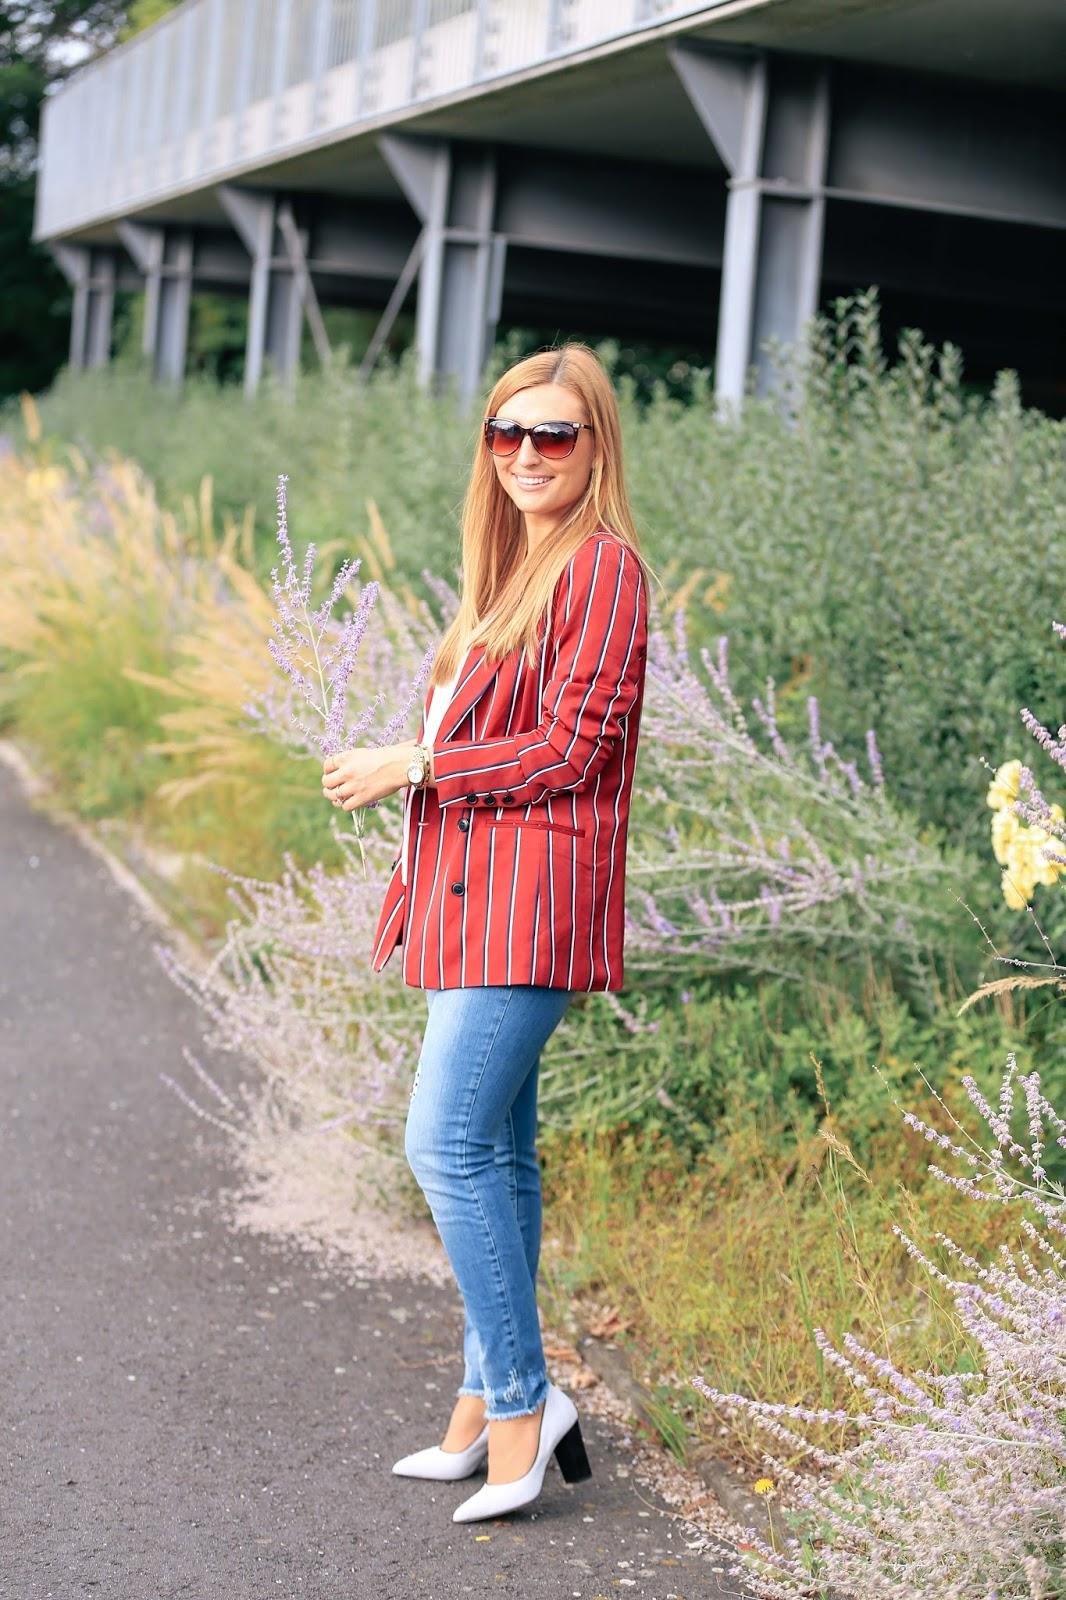 Fashionblogger-aus-deutschland-fashionstylebyjohanna